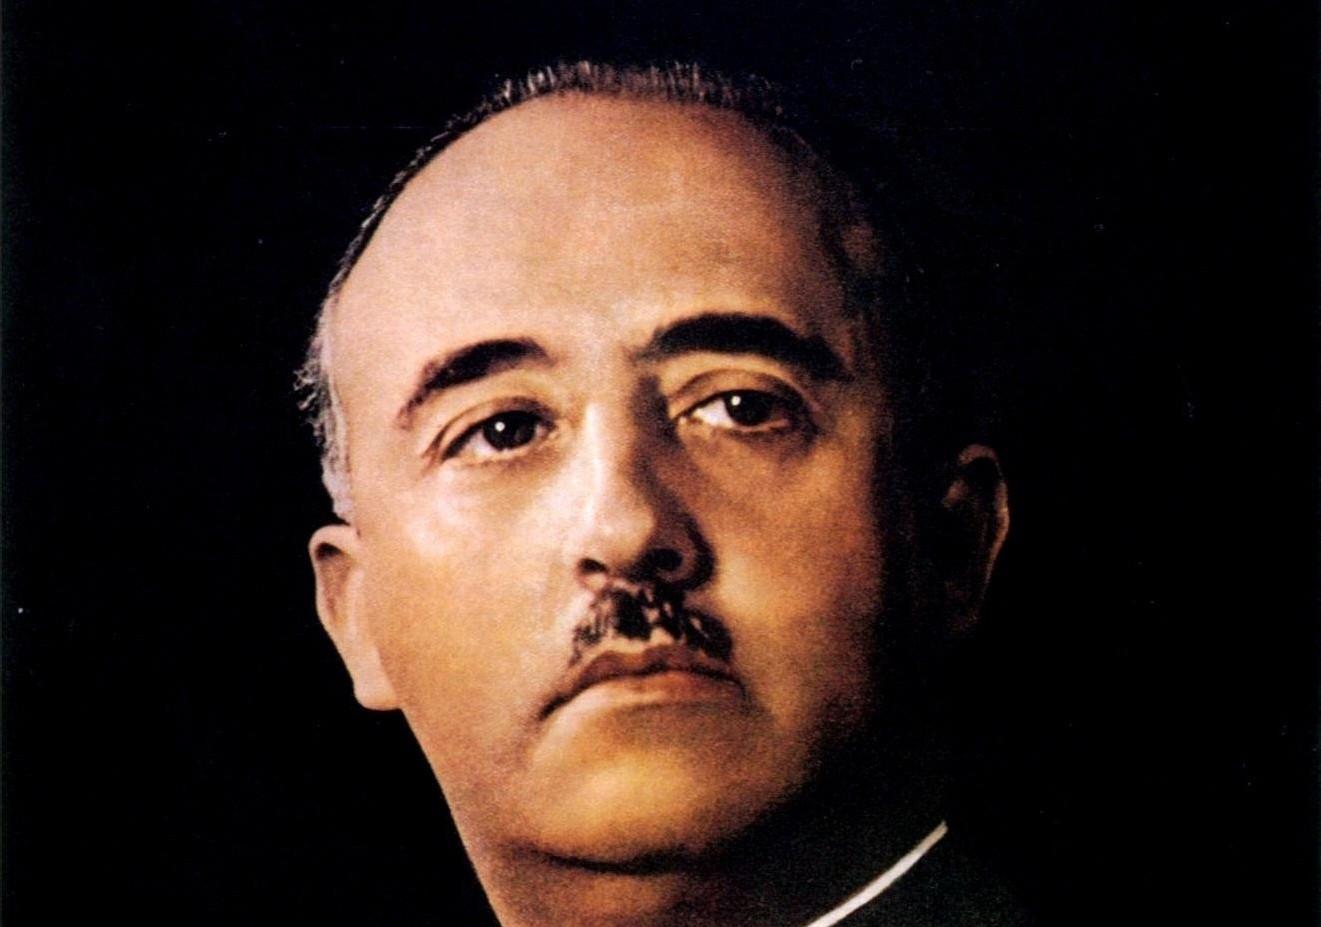 Franciscofranco